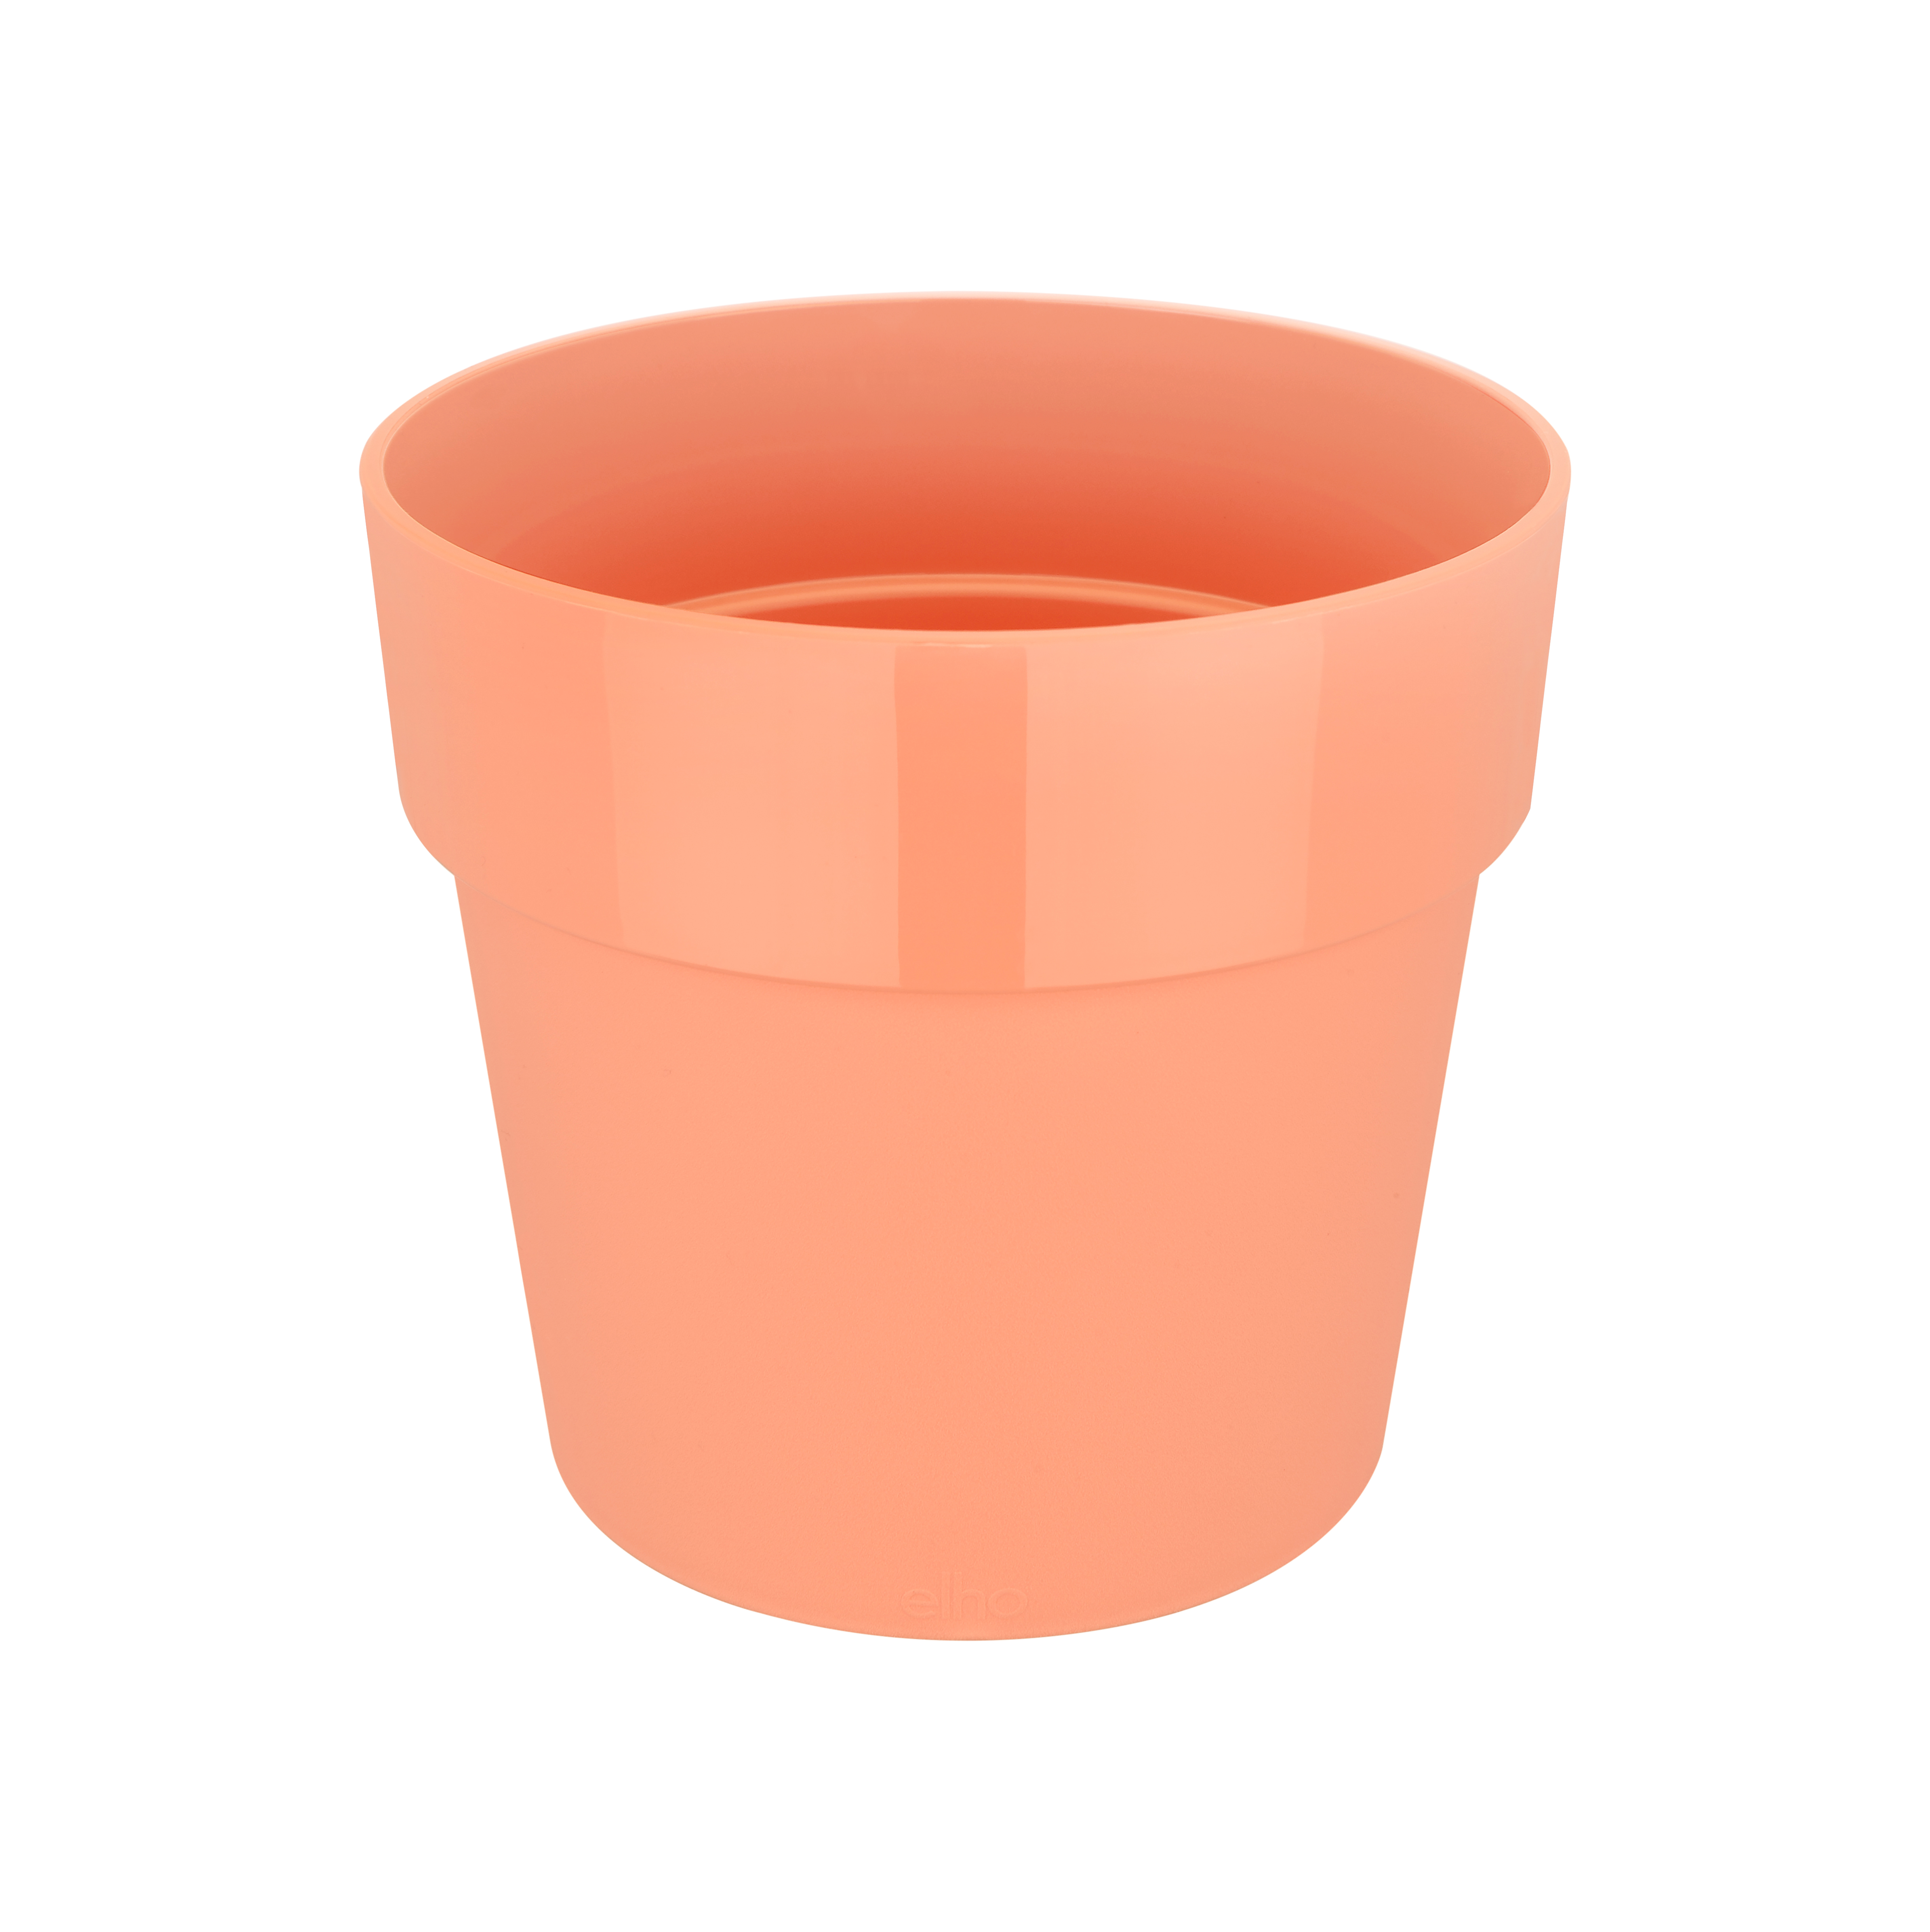 B.for original, Round, 14cm Peach